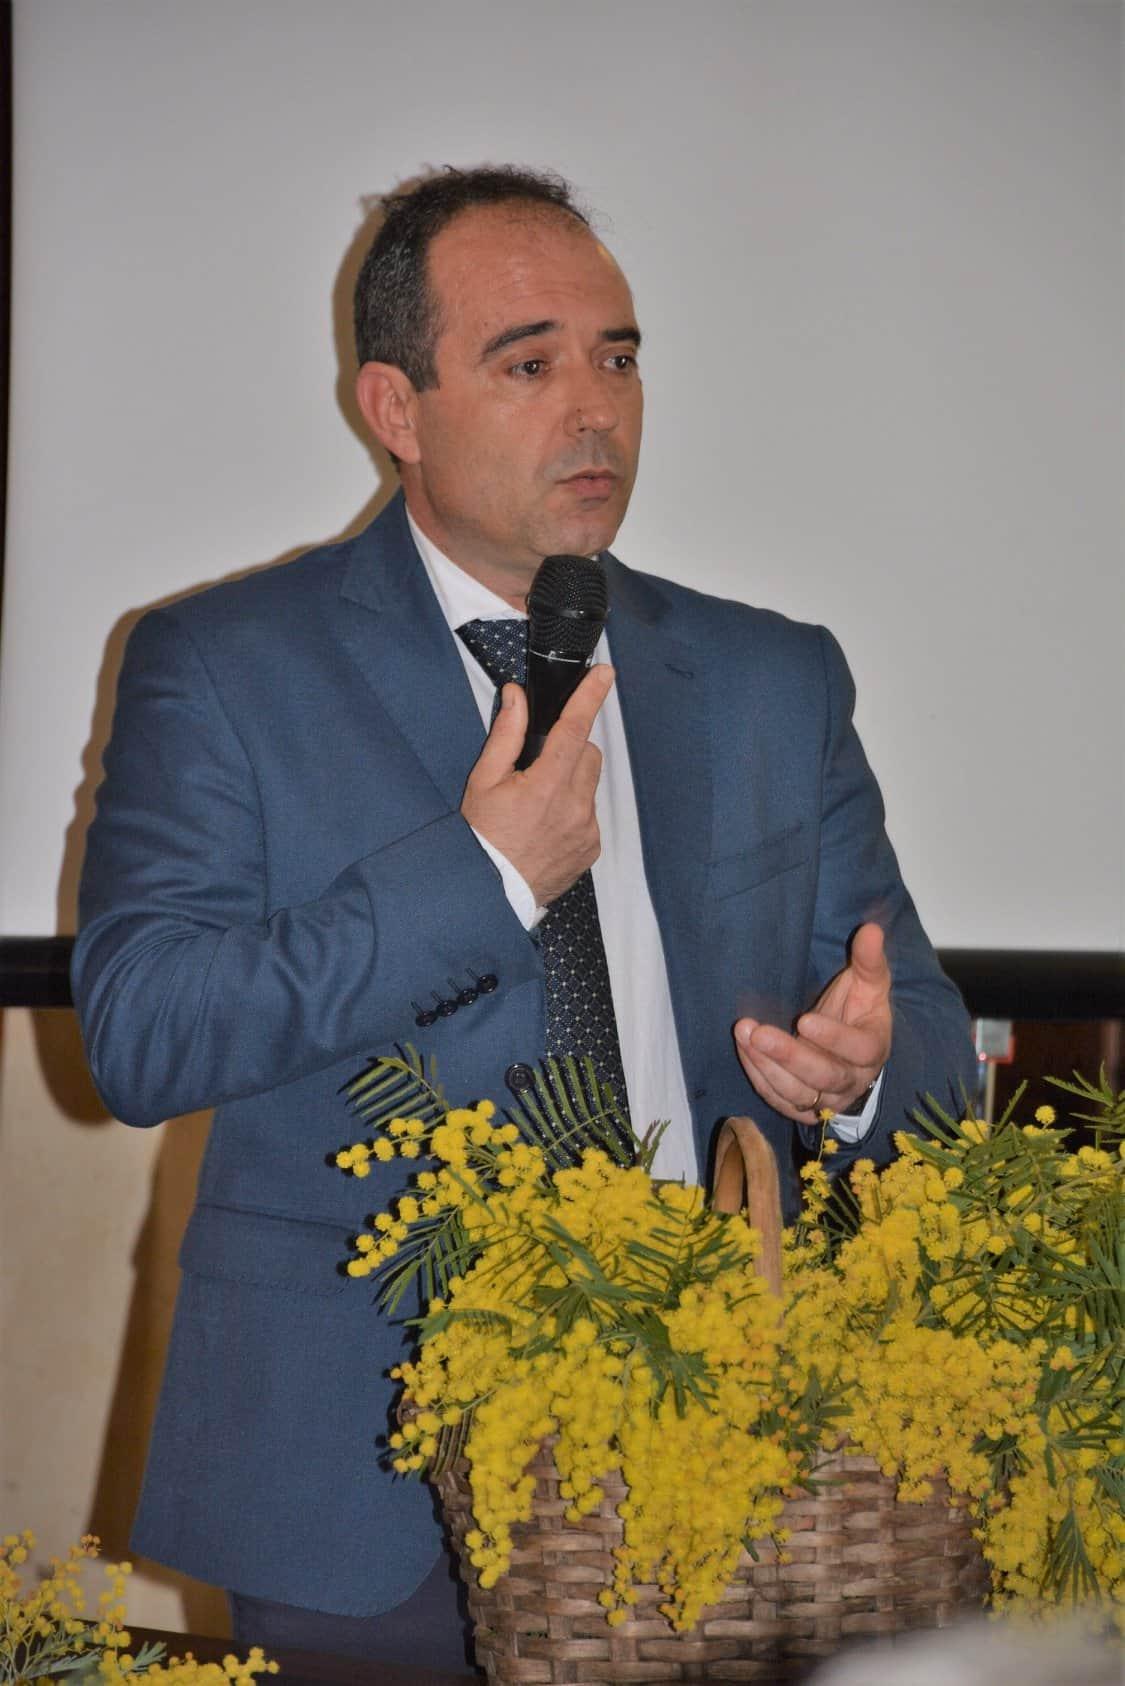 Referendum, Pasquini: «Non sono d'accordo con il sì, c'erano altre priorità come salvaguardare le rappresentatività territoriali»